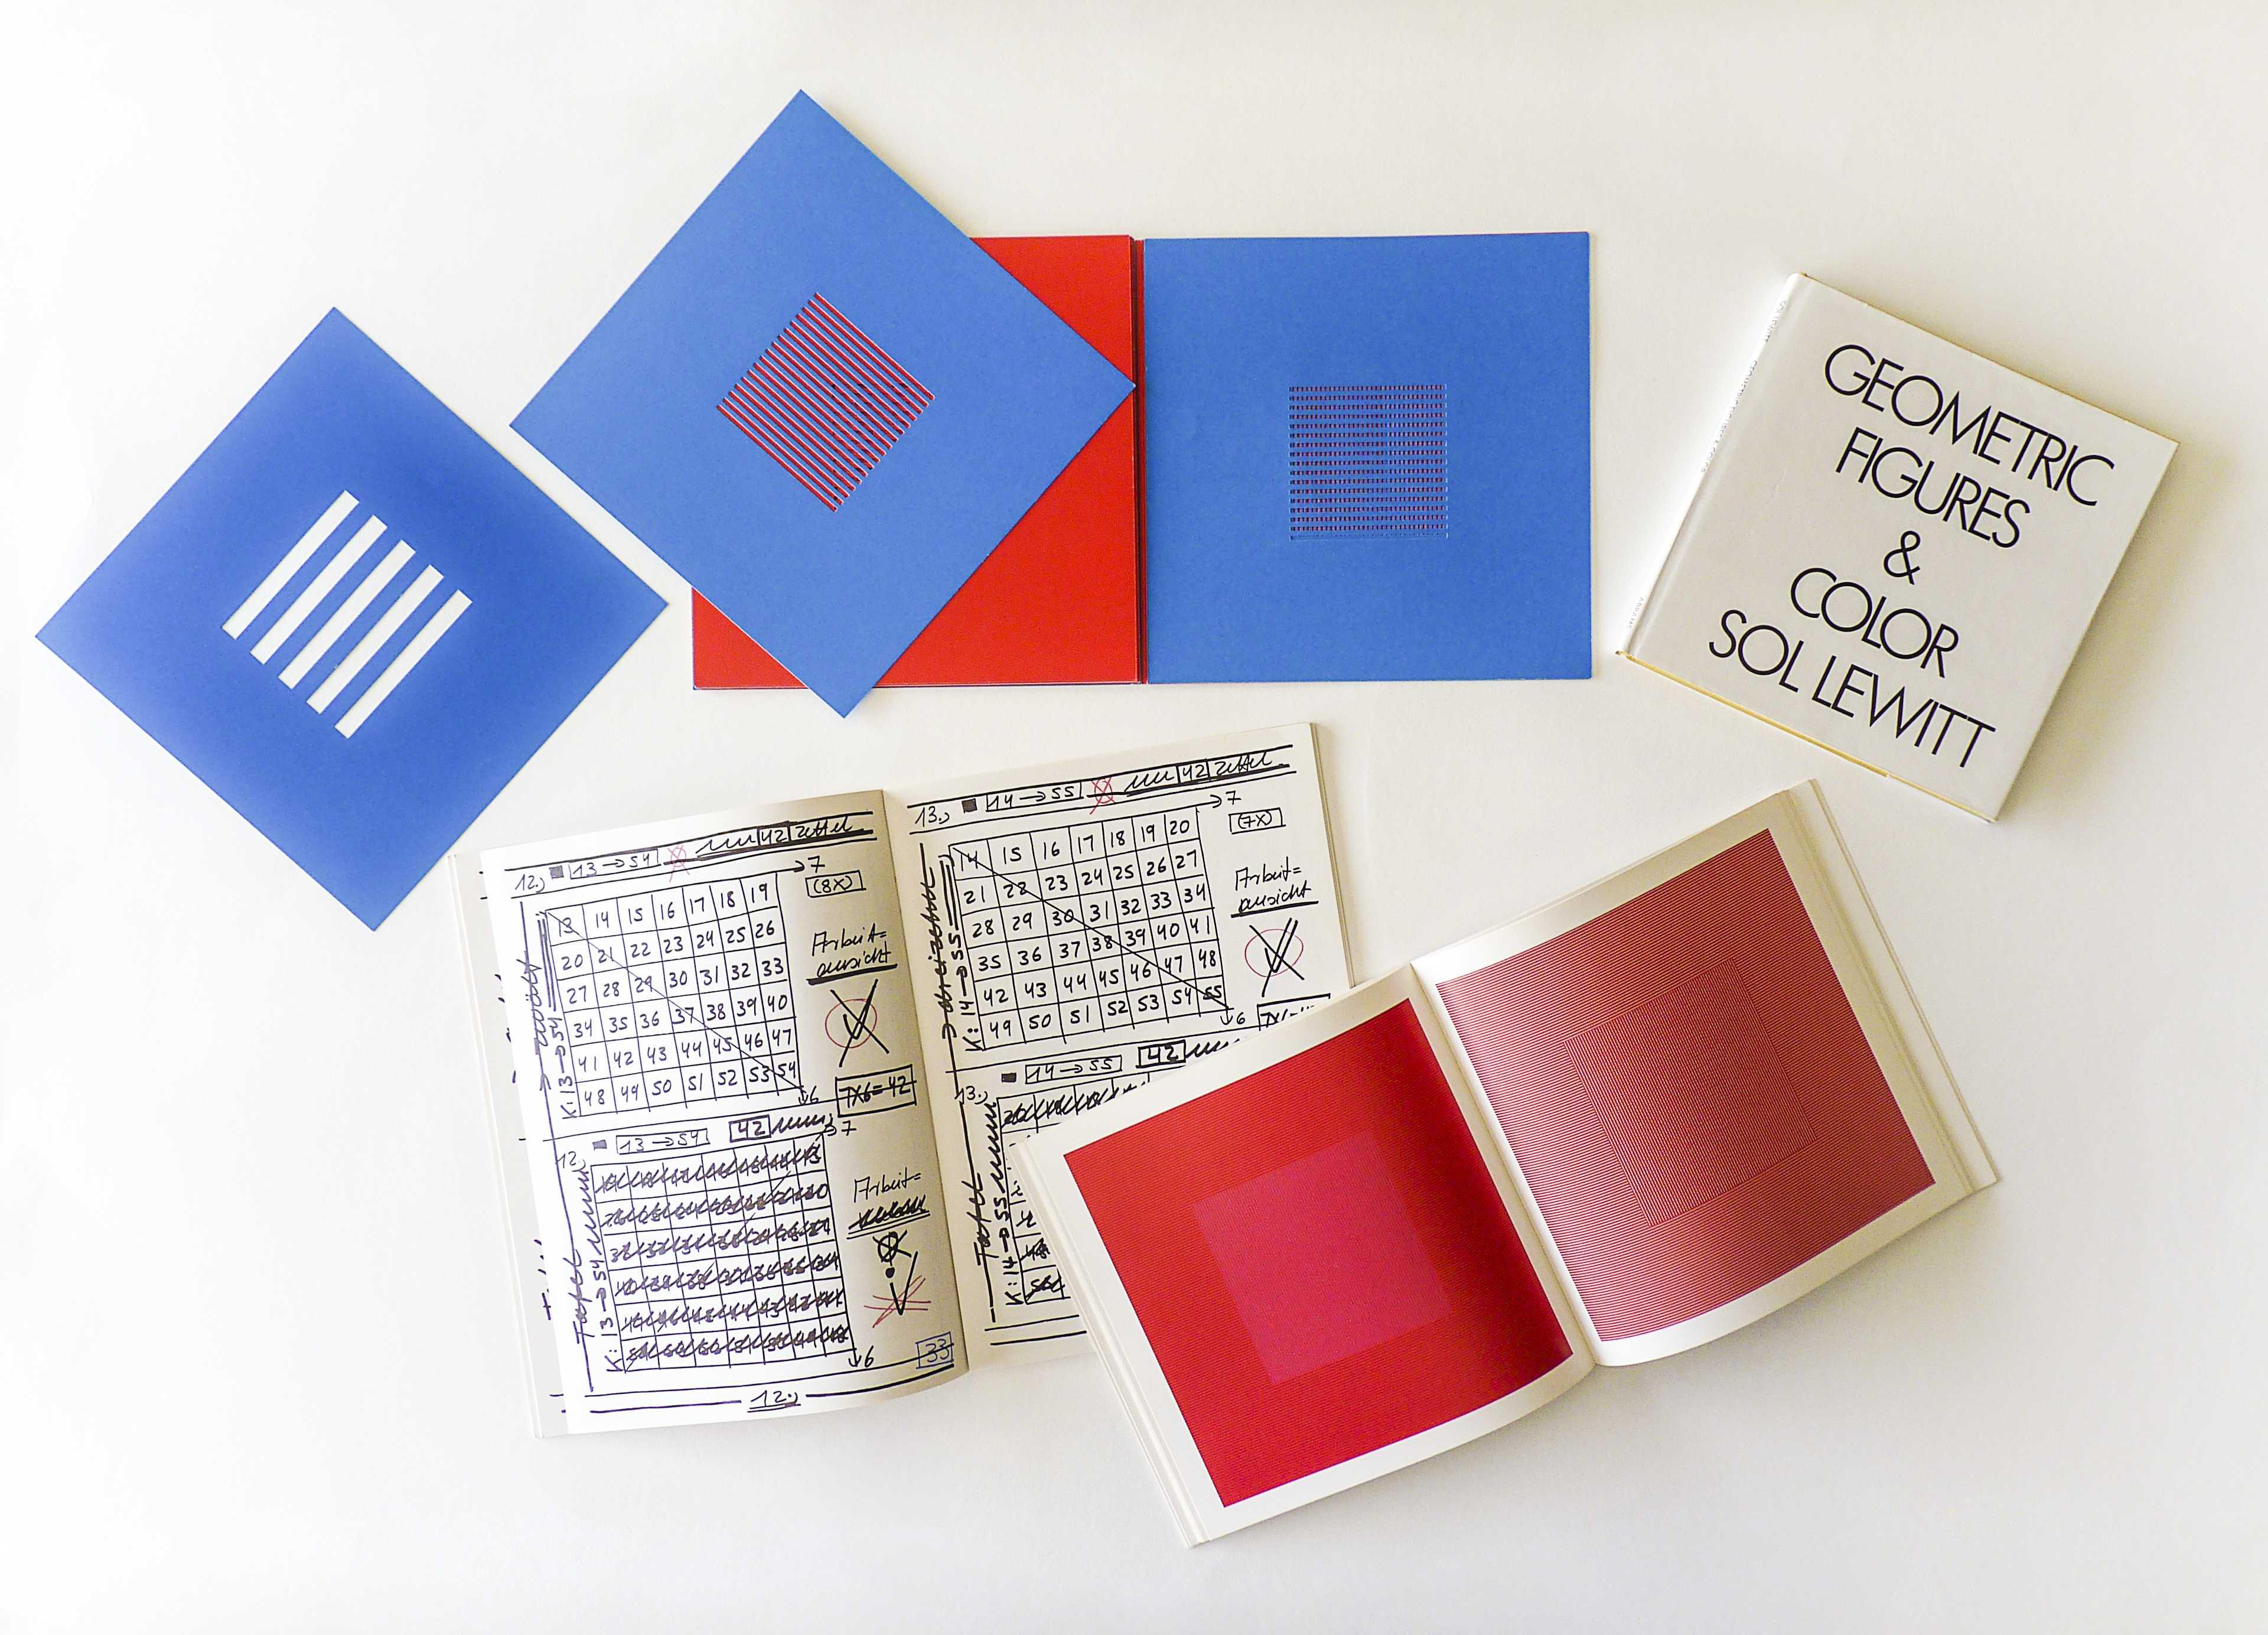 Llibres d'artista d' Hanne Darboven, Sol Lewitt i Dieter Roth Col·lecció MACBA. Centre d'Estudis i Documentació Foto: Gemma Planell